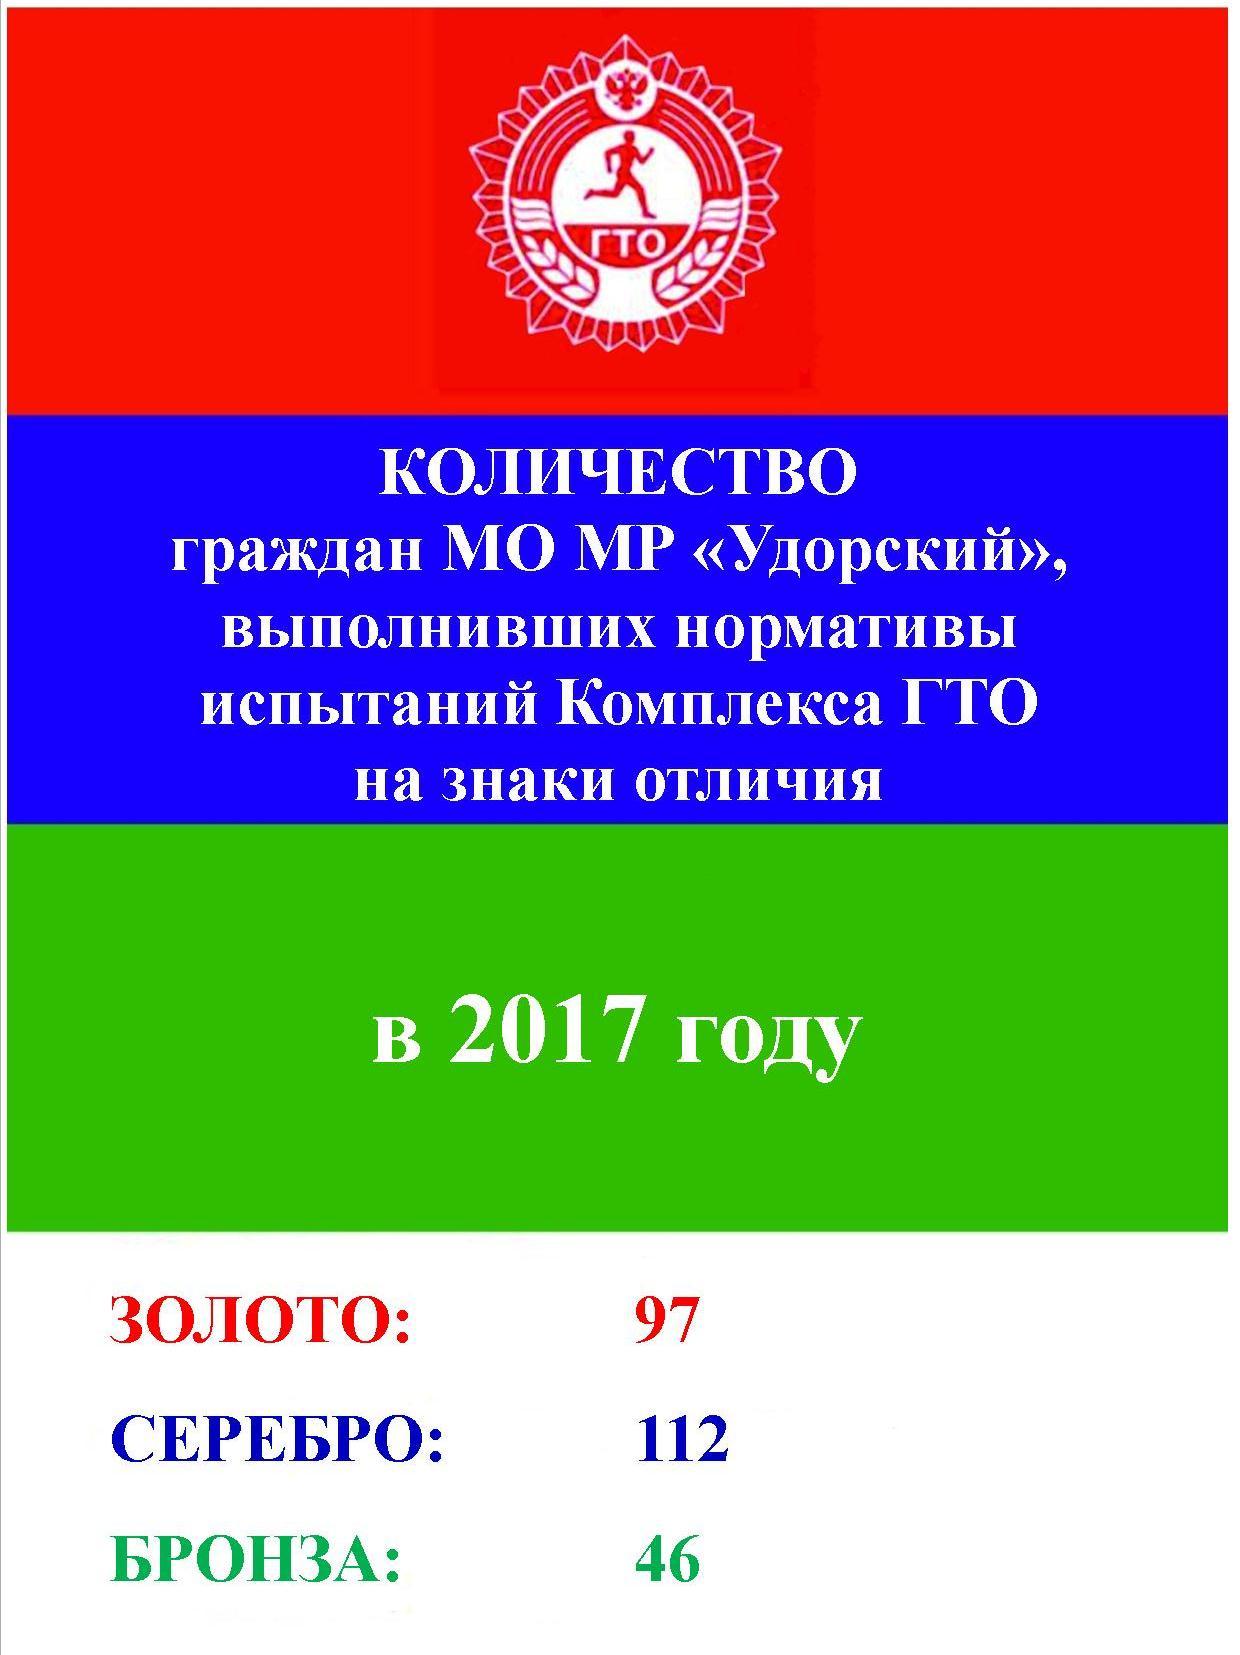 Количество обладателей знаков отличия ГТО в МО МР